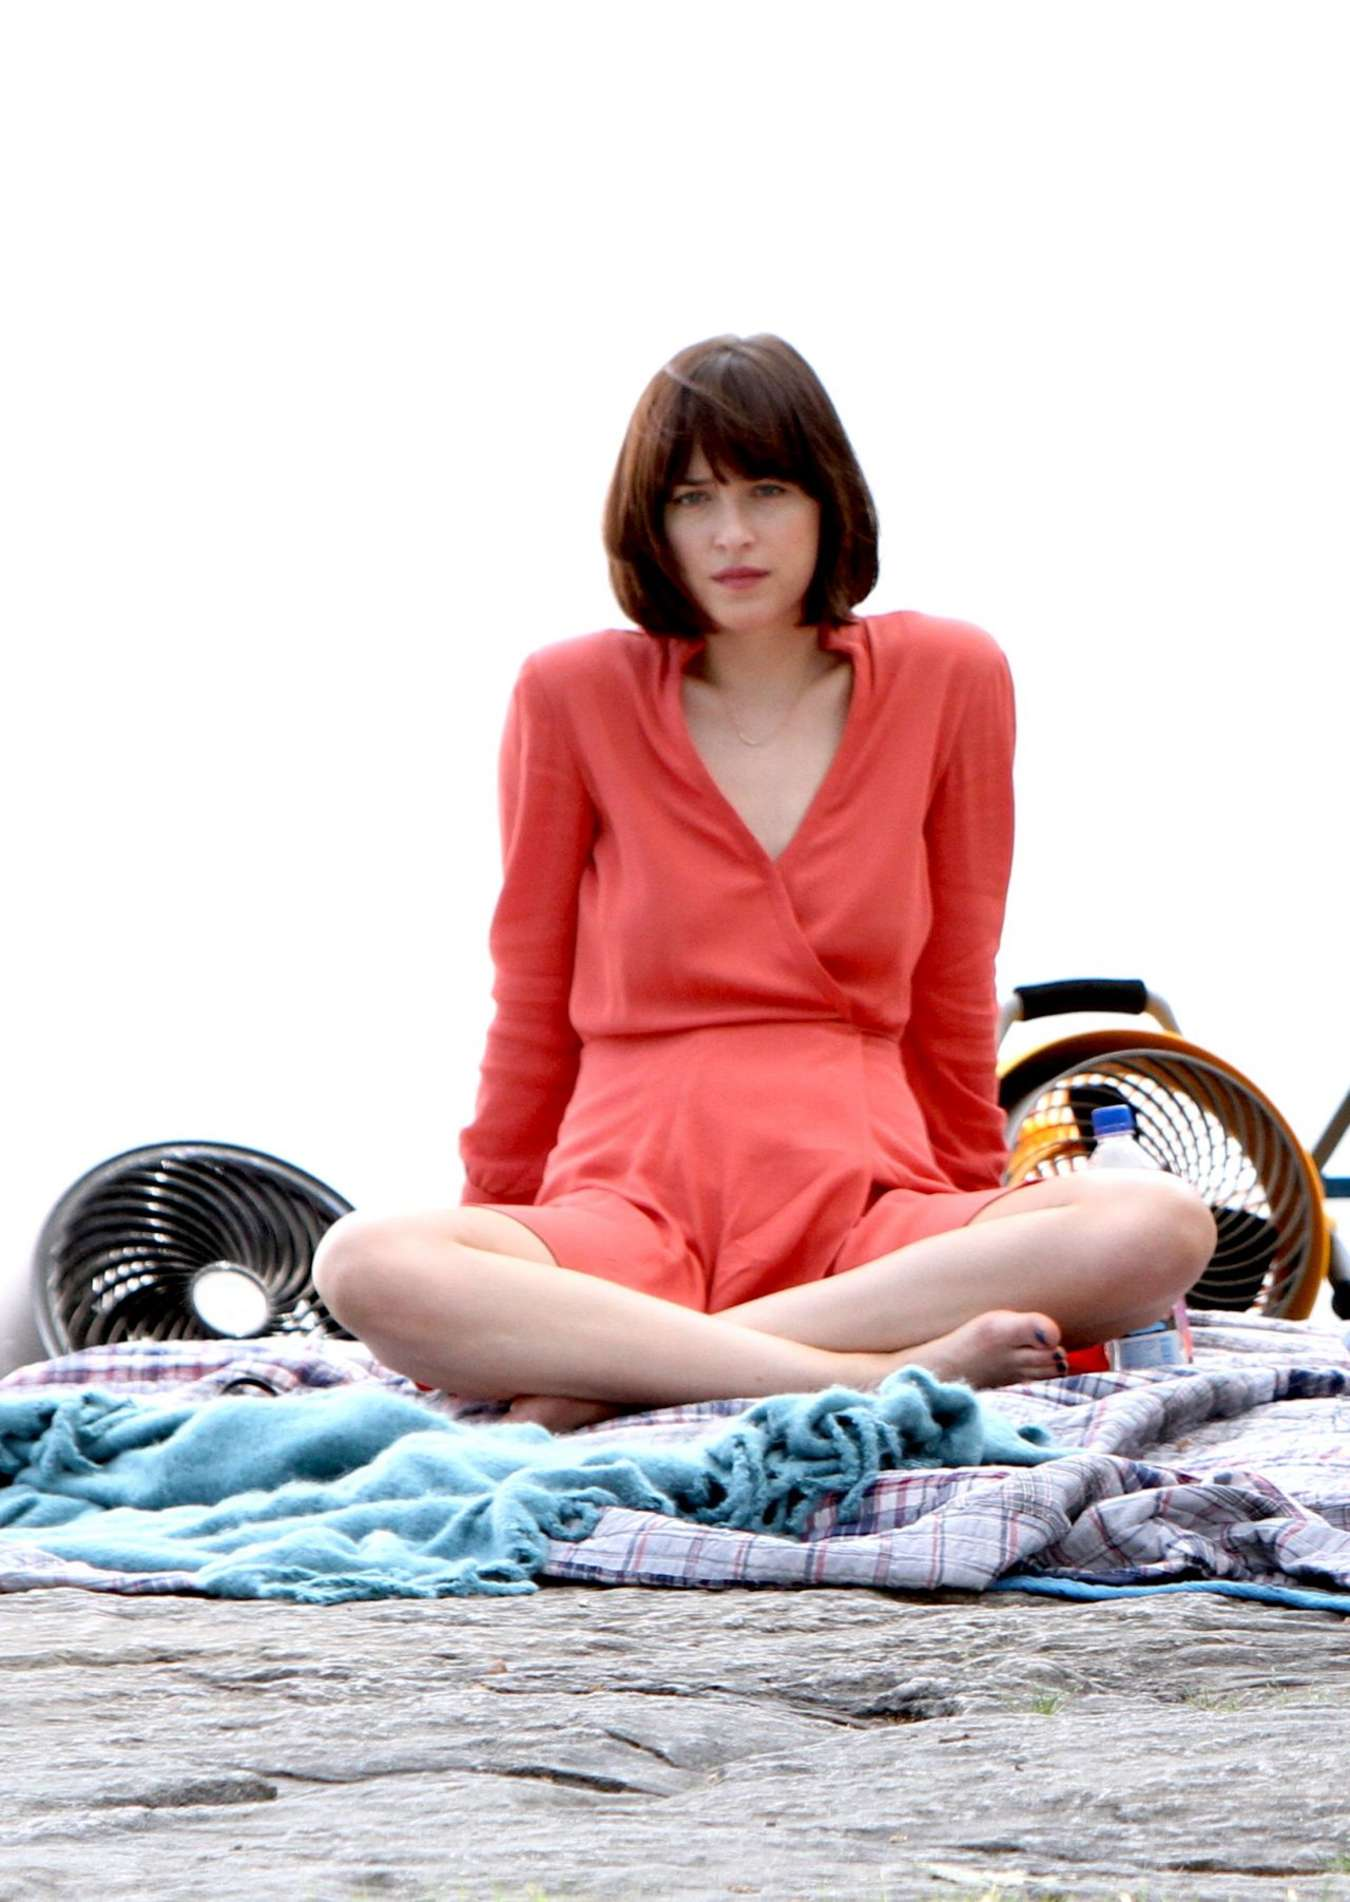 Dakota Johnson In Red Dress On How To Be Single Set 12 Full Size